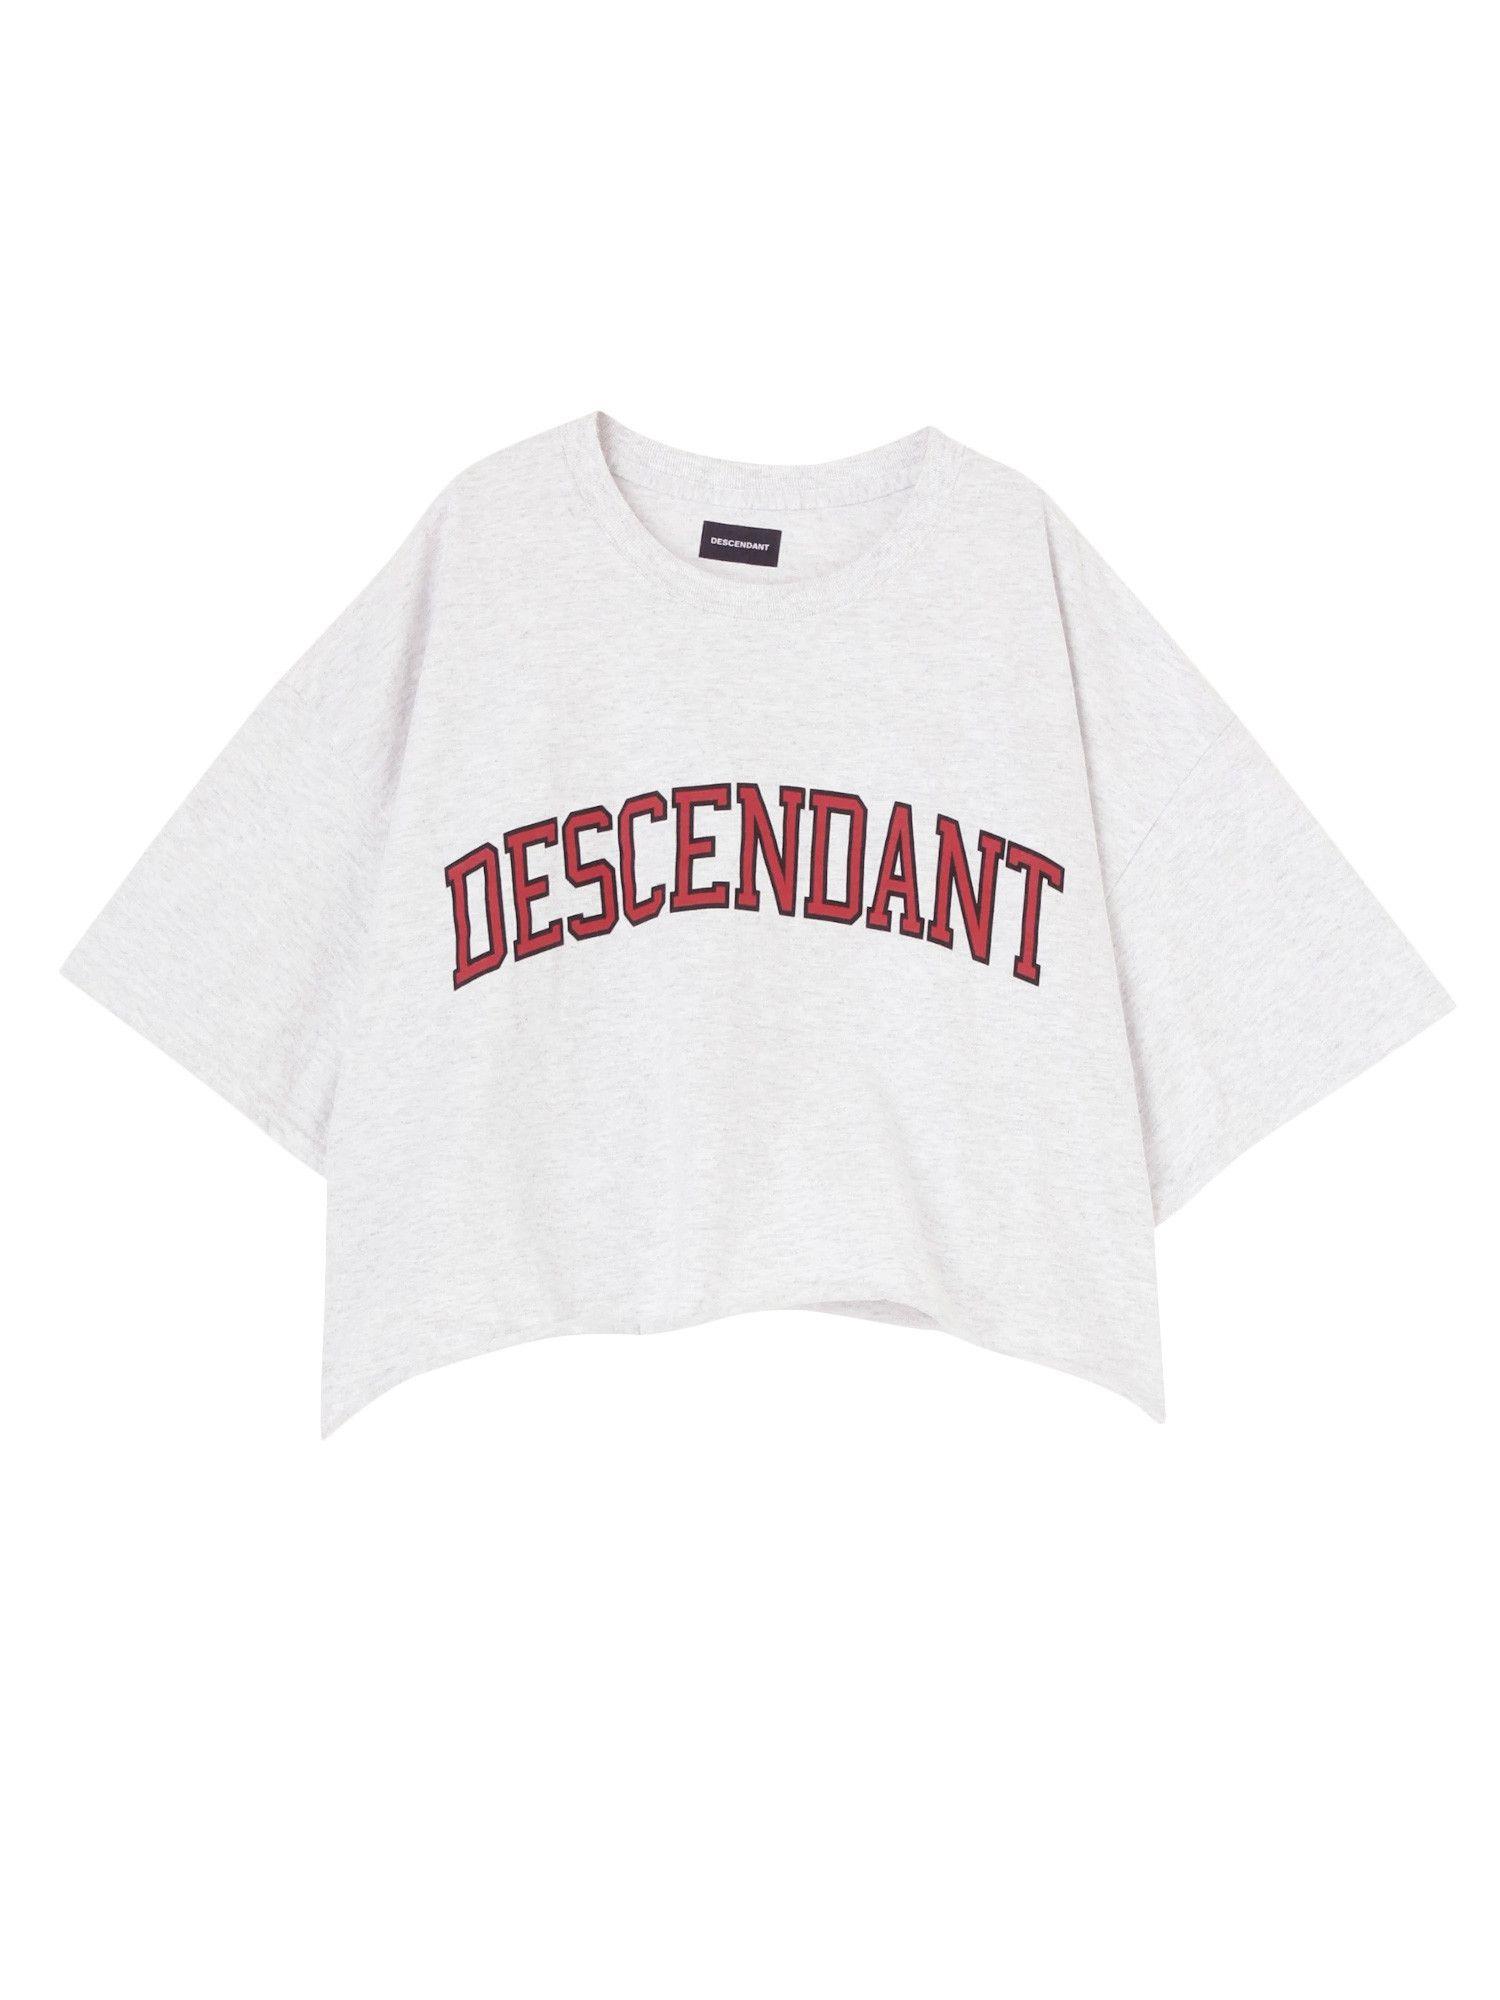 【descendant】CUT OFF SHORT T